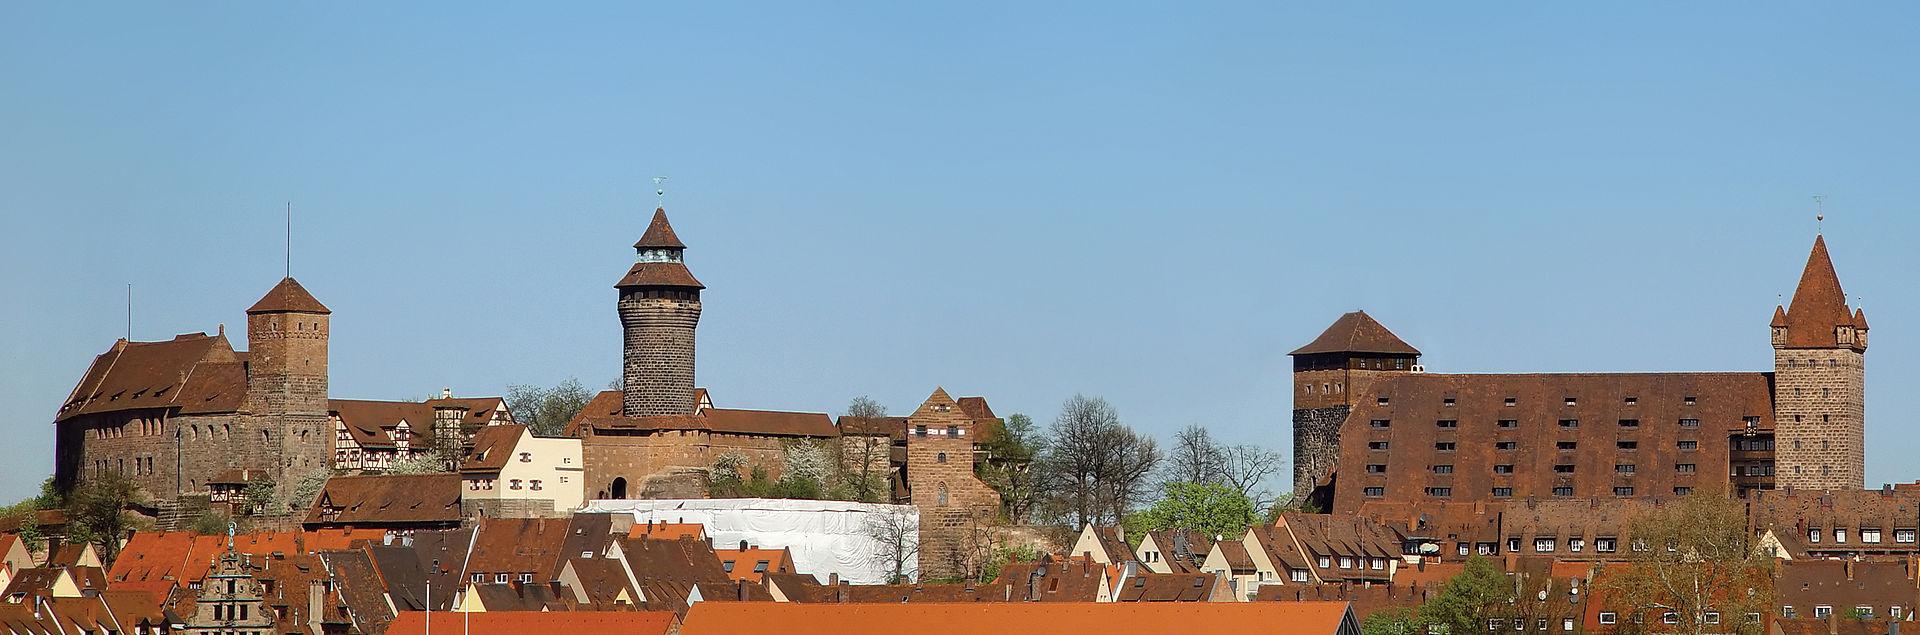 Auch tagsüber ein toller Anblick: die Nürnberger Kaiserburg.